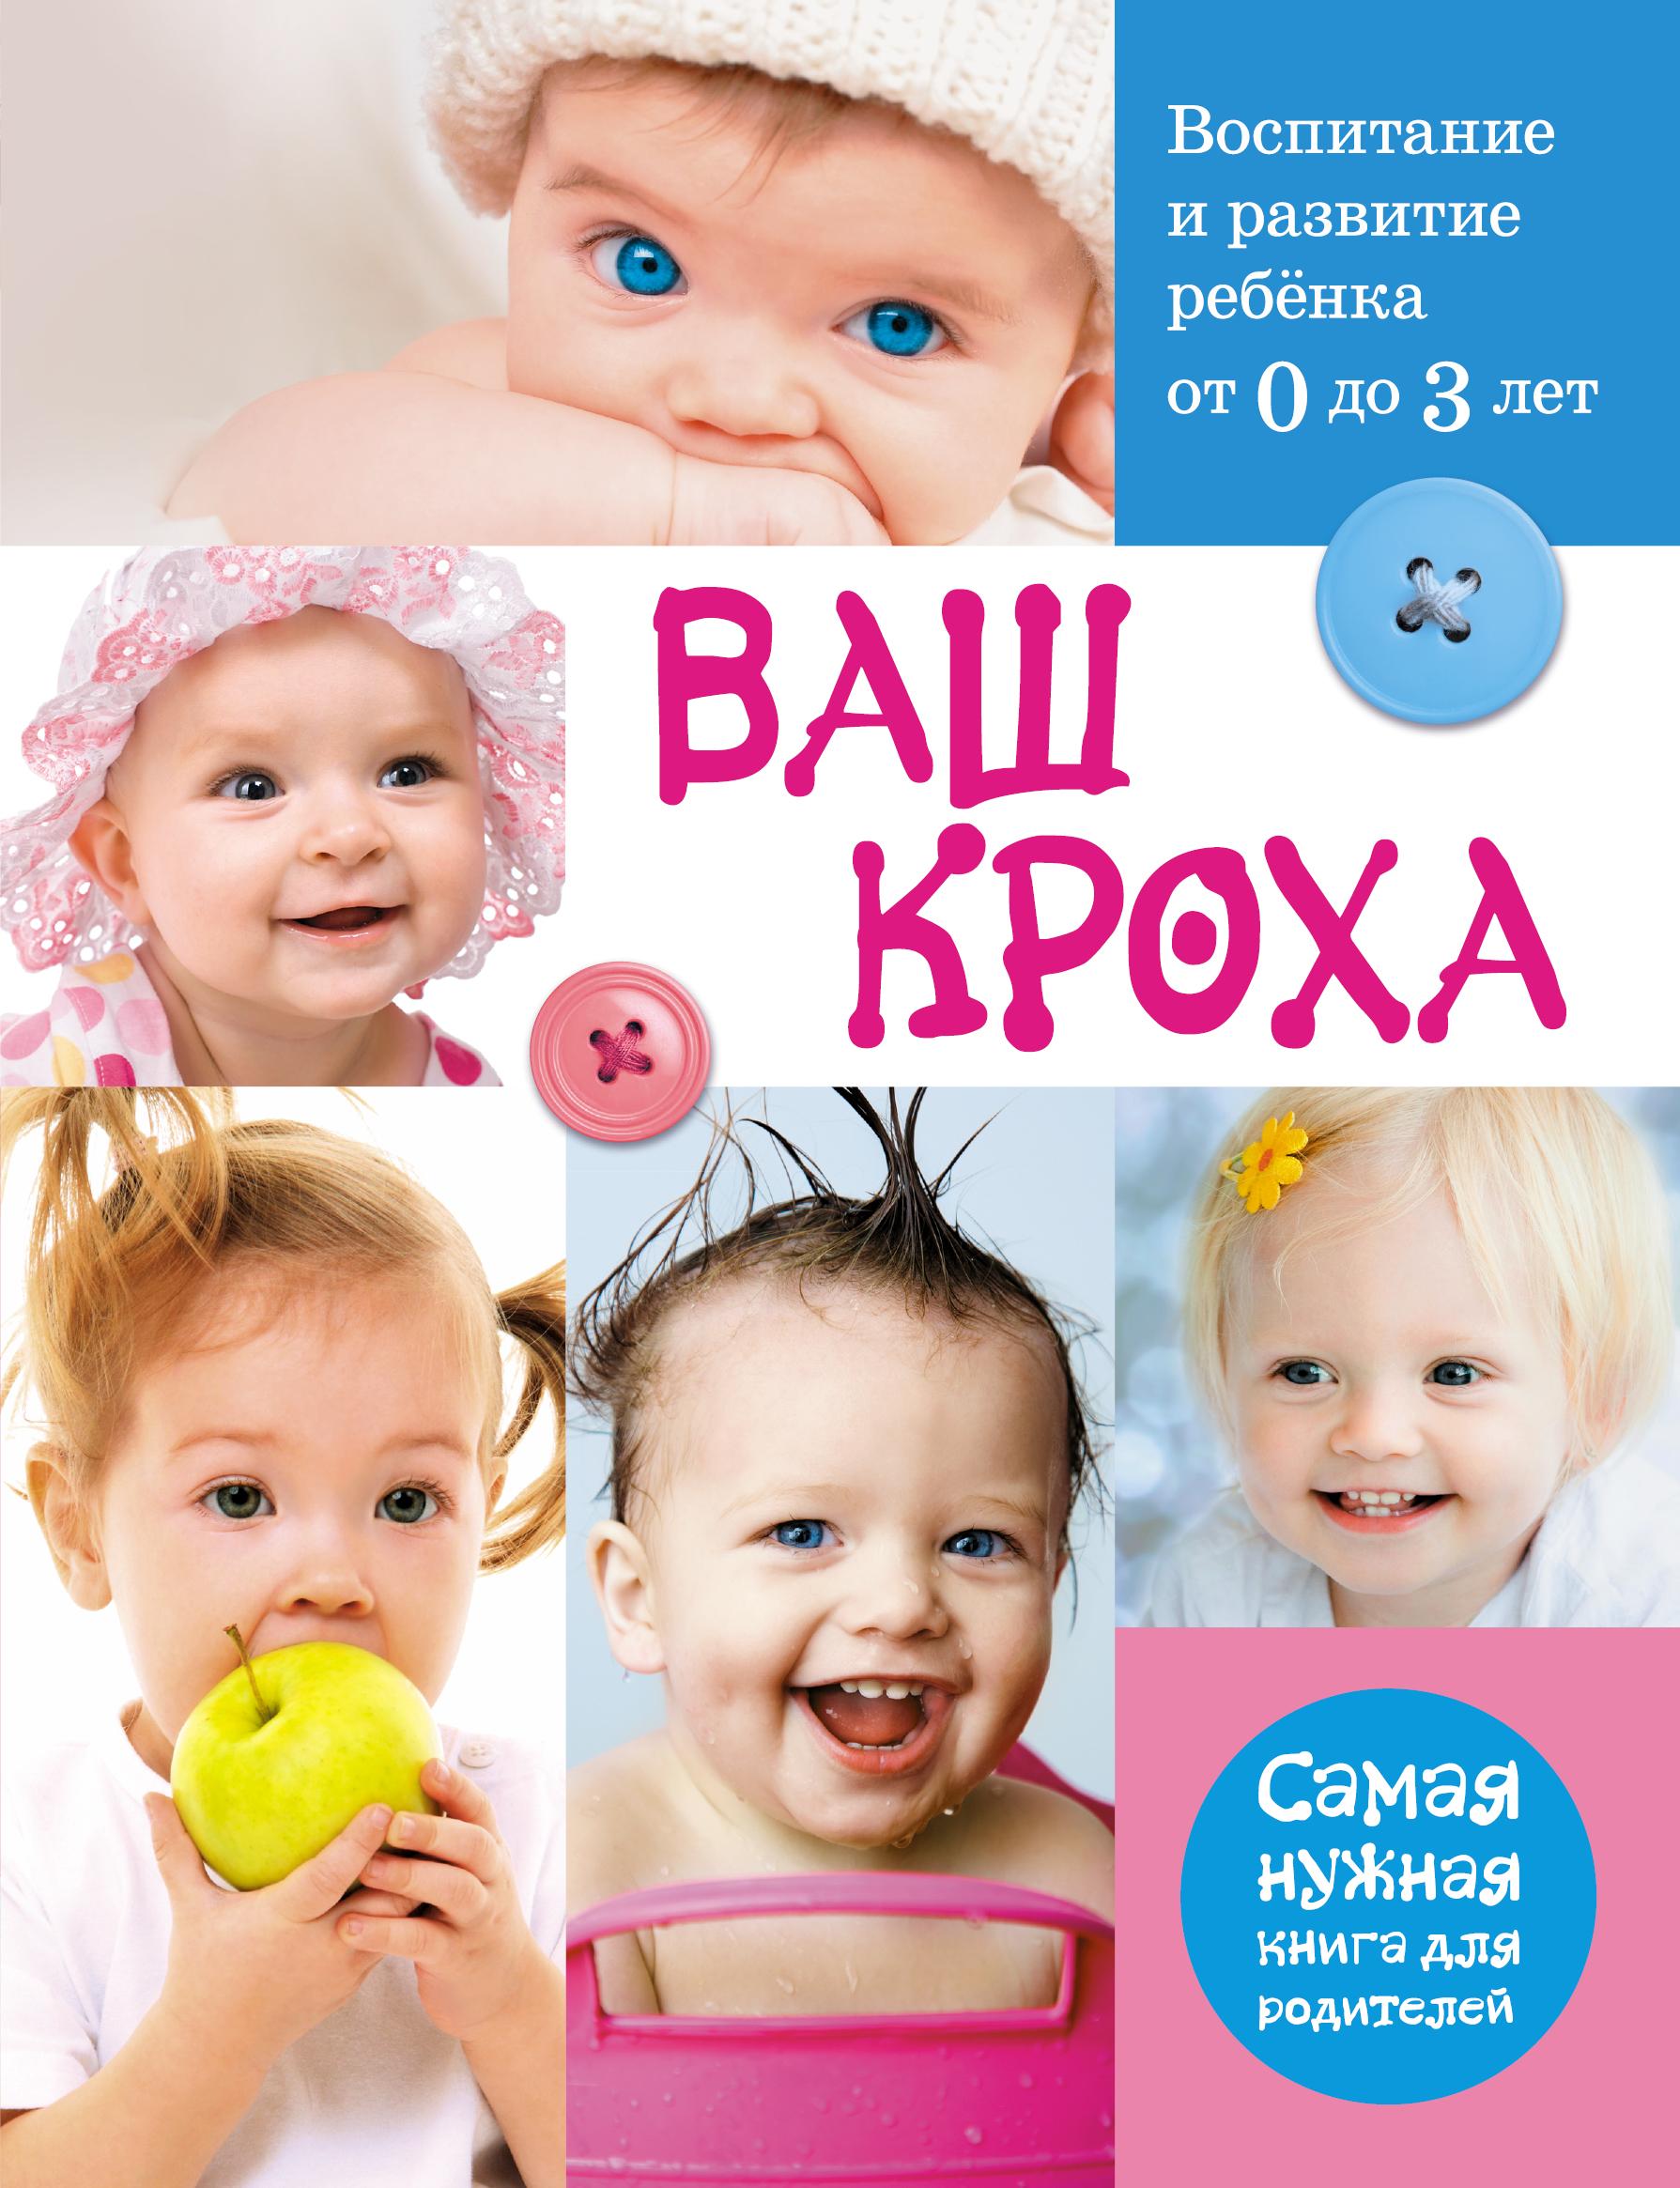 Ваш кроха - воспитание и развитие ребенка от 0 до 3 лет. Самая нужная книга для родителей